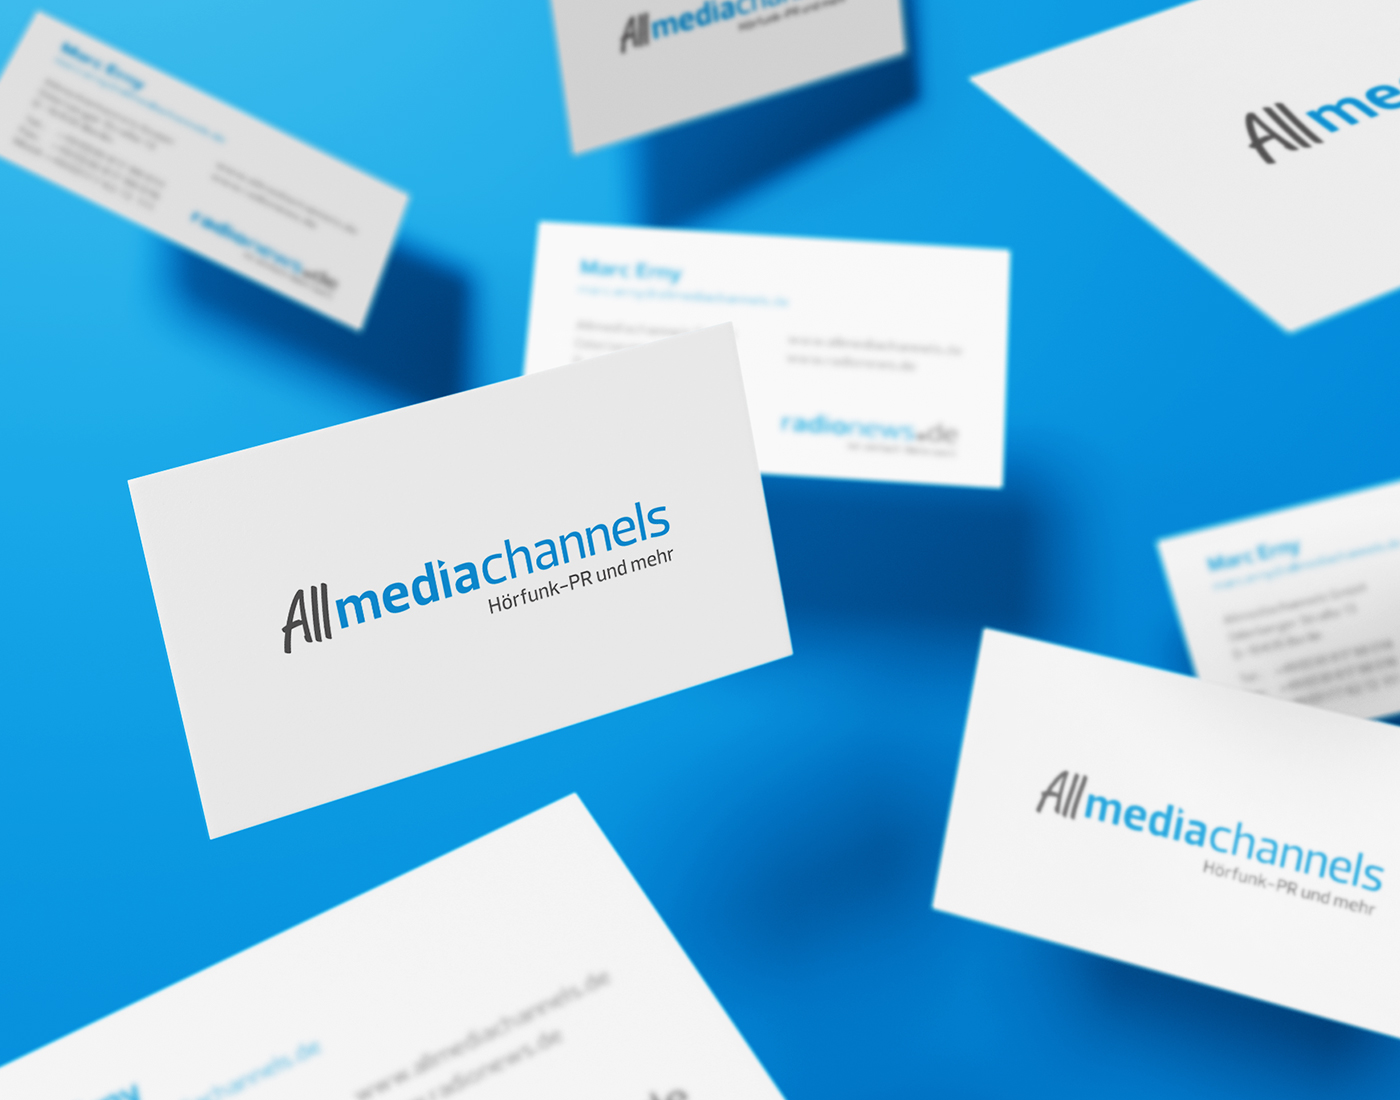 Allmediachannels - Visitenkarten